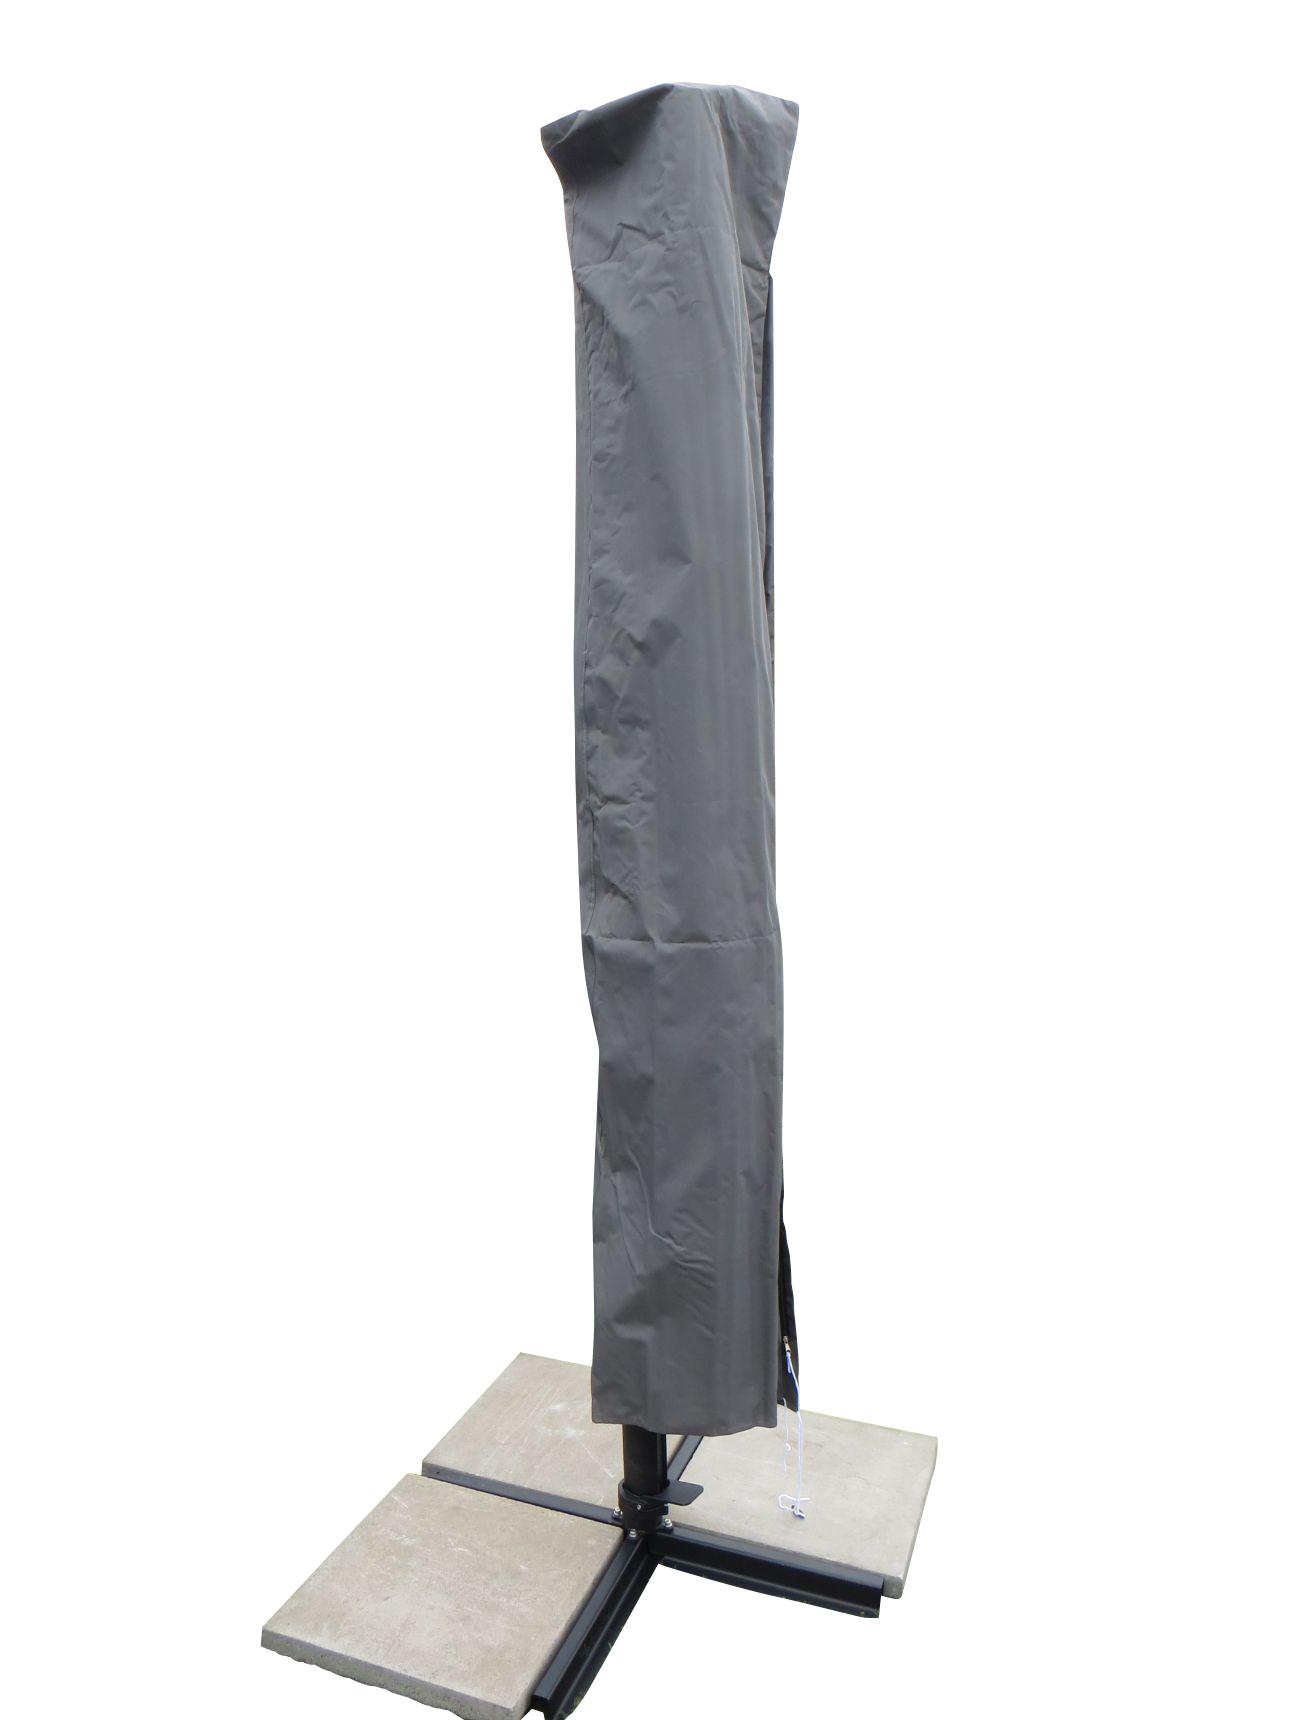 xxl schutzh lle mit stab f r ampel sonnenschirme 2 schutzh llen garten gartenm bel. Black Bedroom Furniture Sets. Home Design Ideas